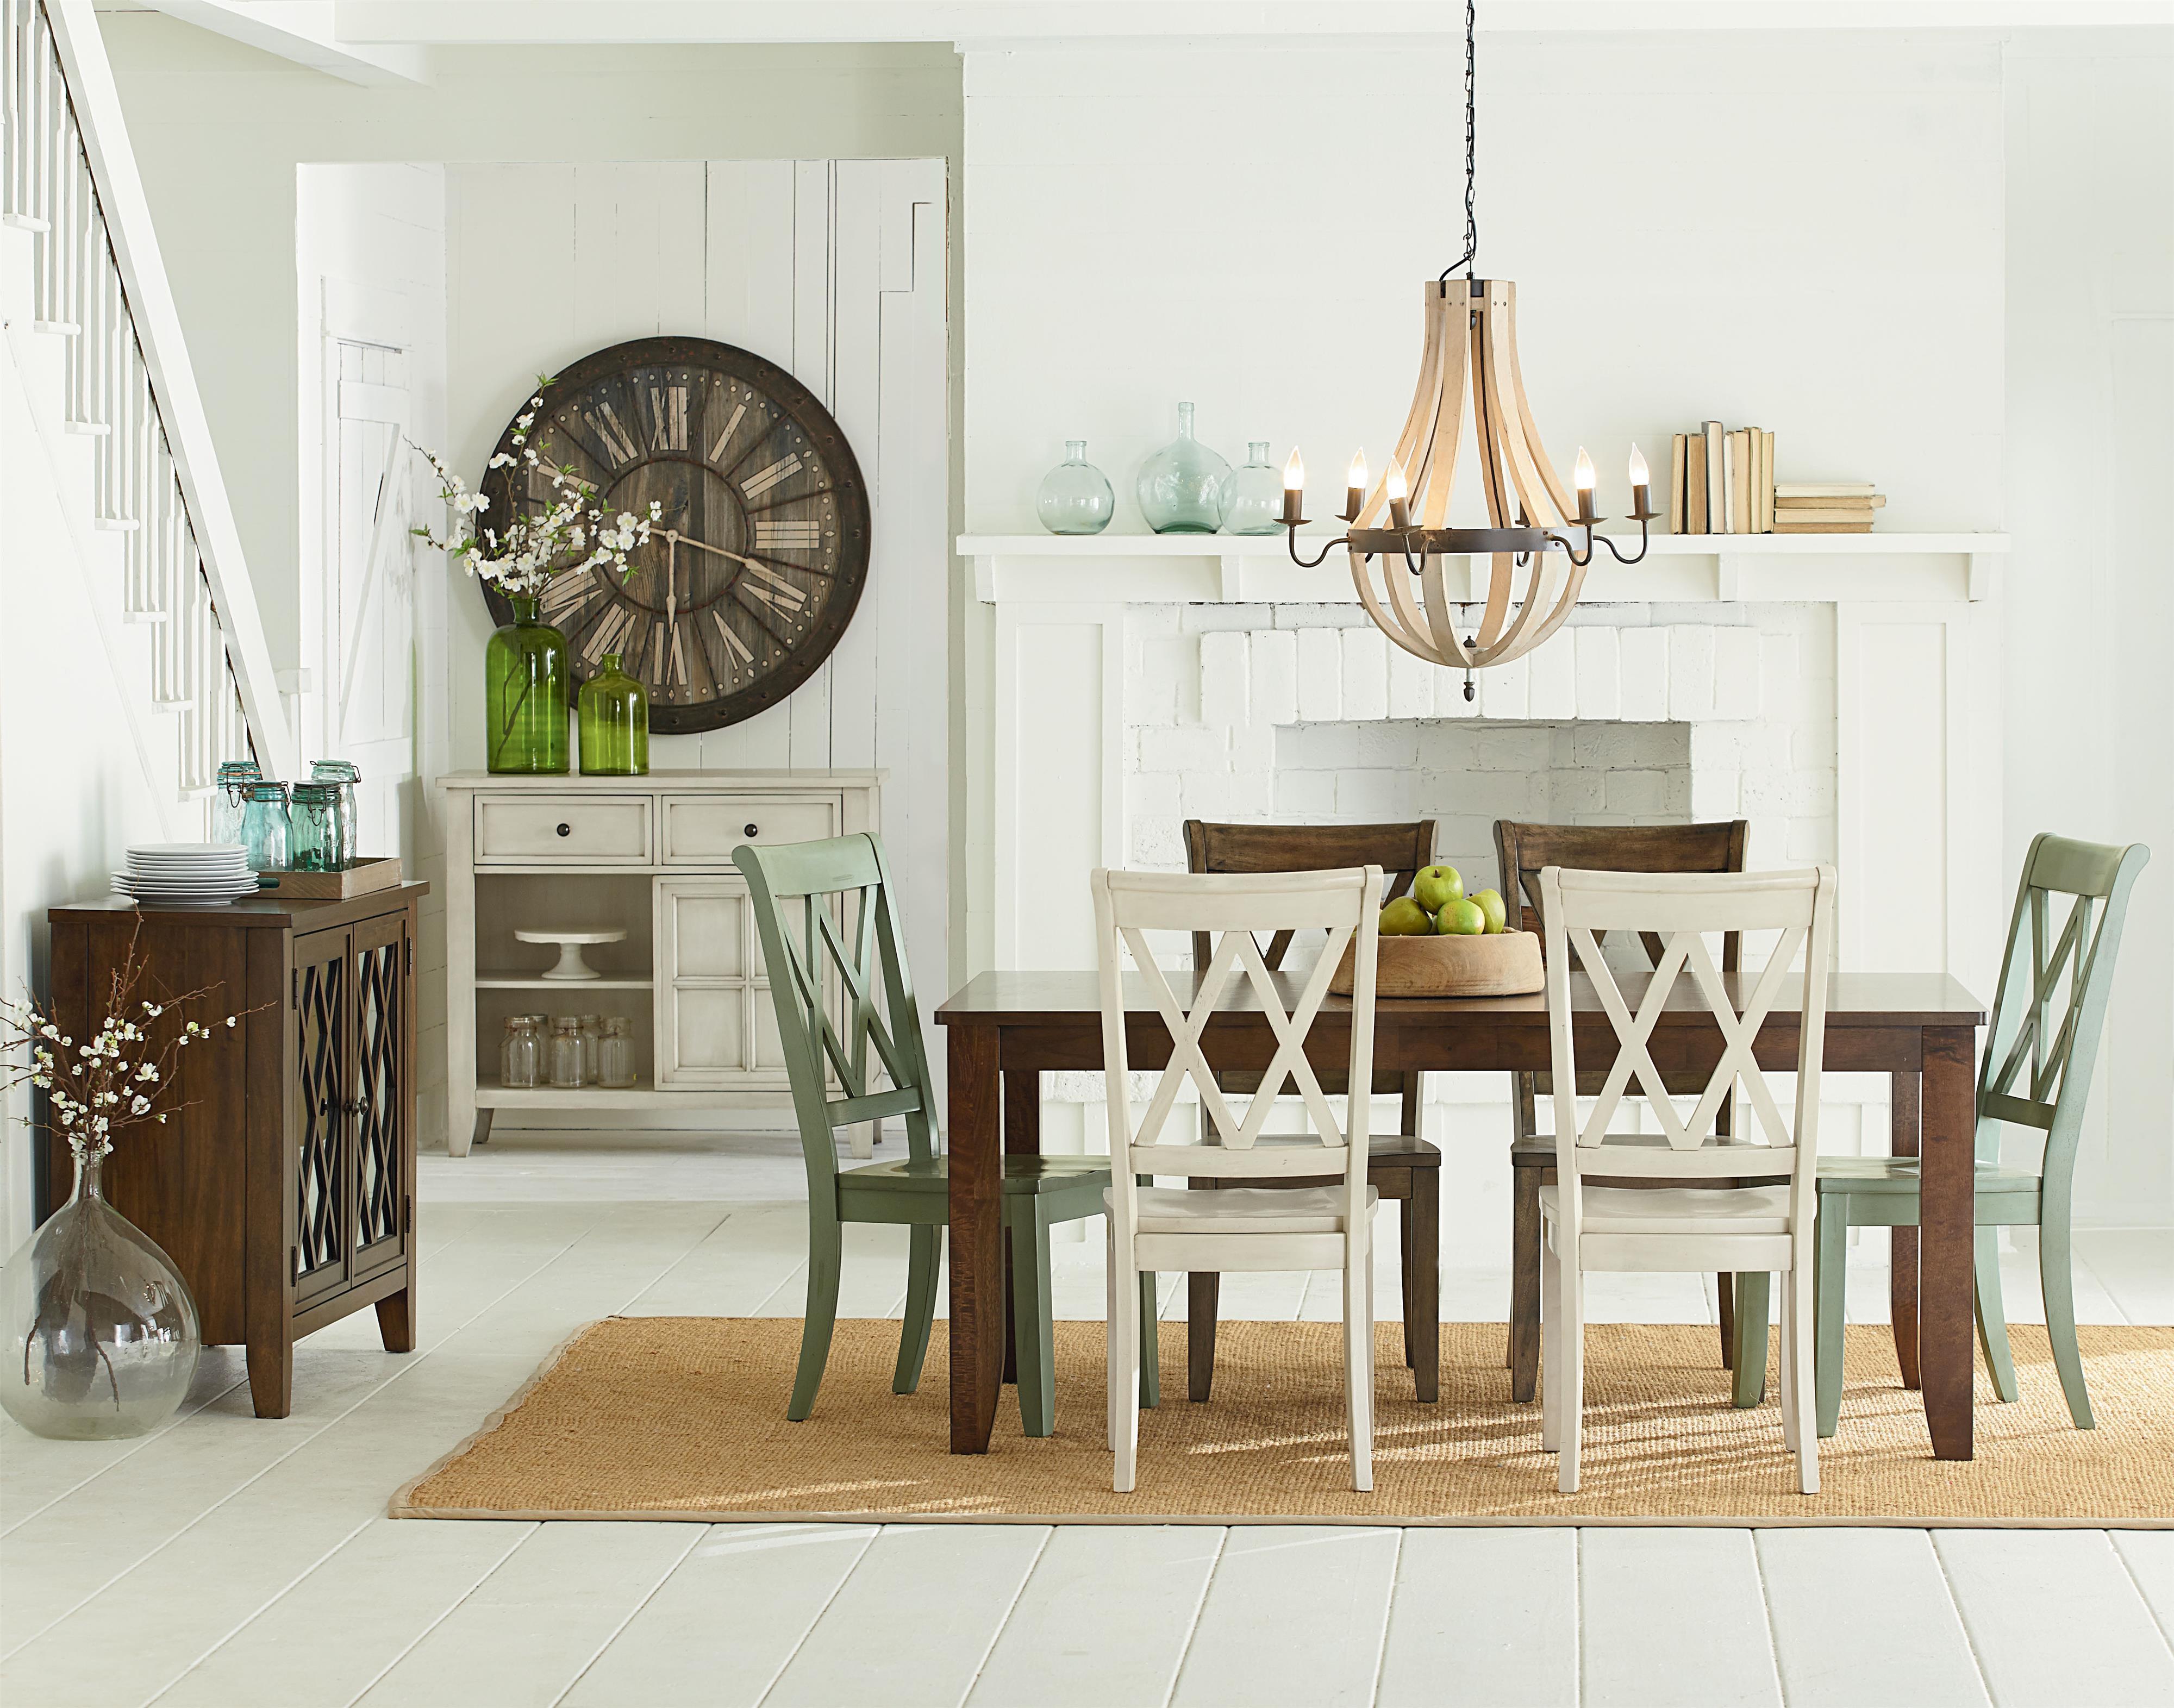 Standard Furniture Vintage Dining Room Group - Item Number: 11300 Dining Room Group 6